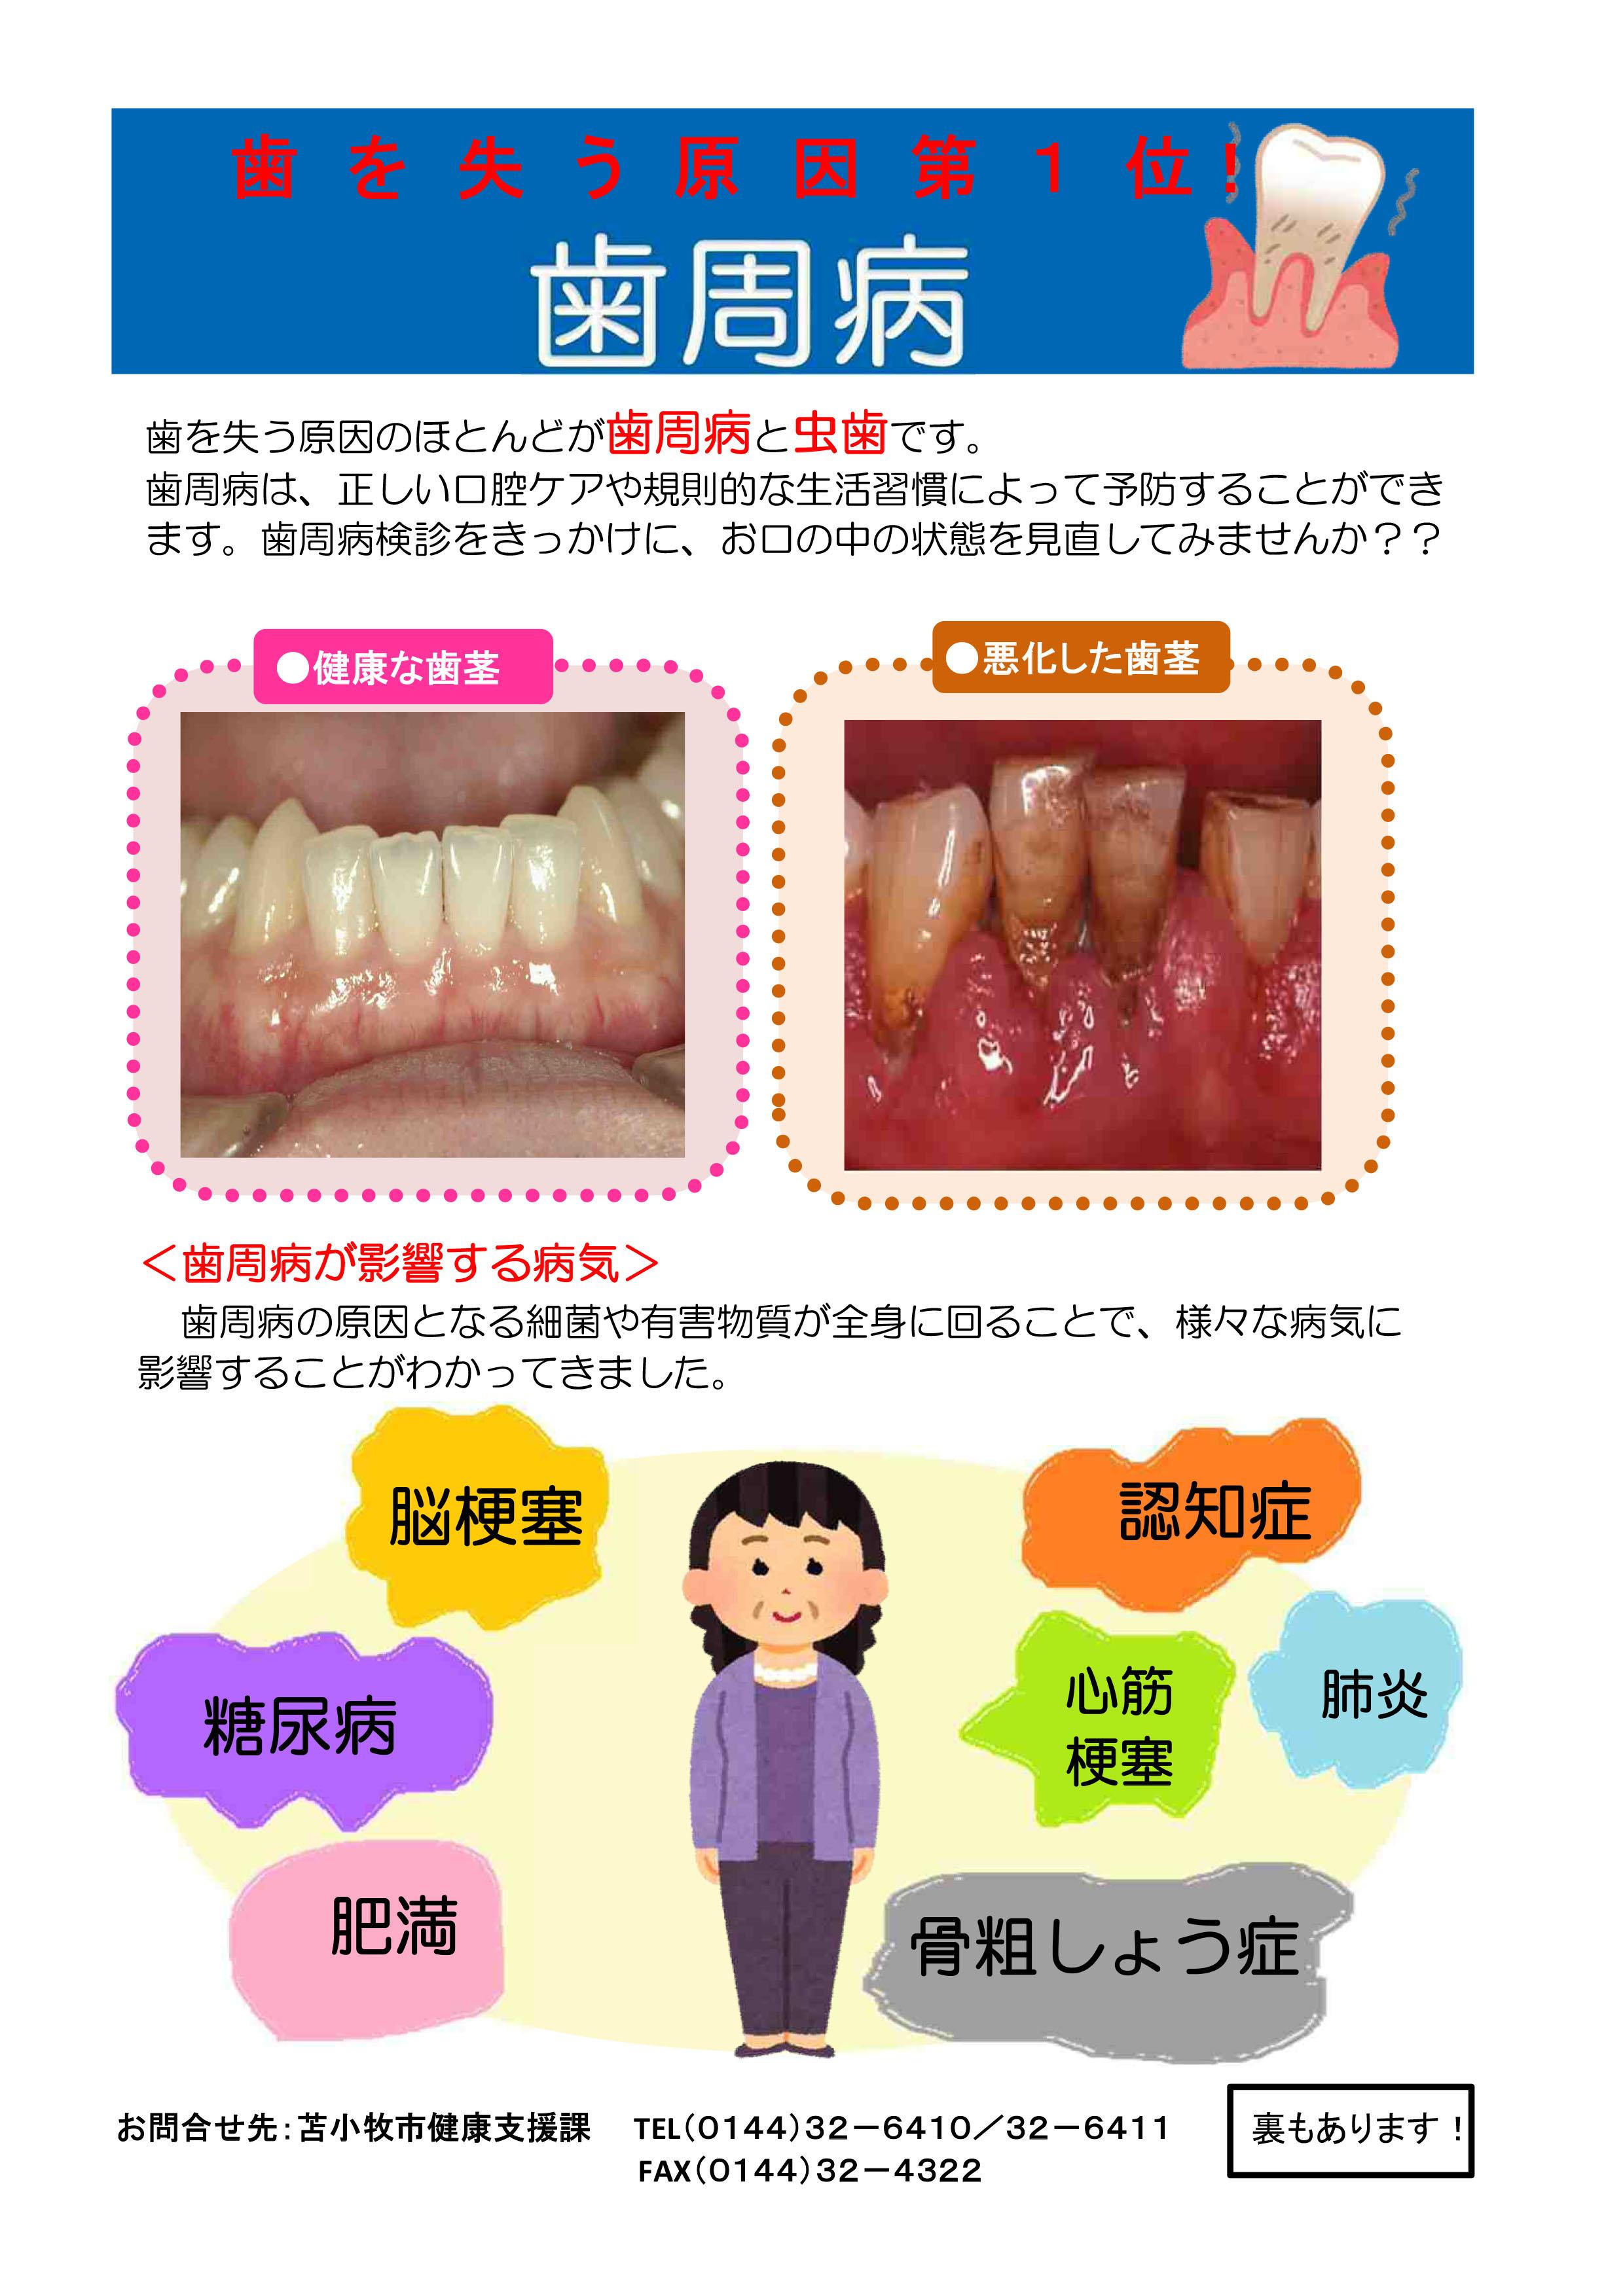 4 歯周病検診リーフレット-1